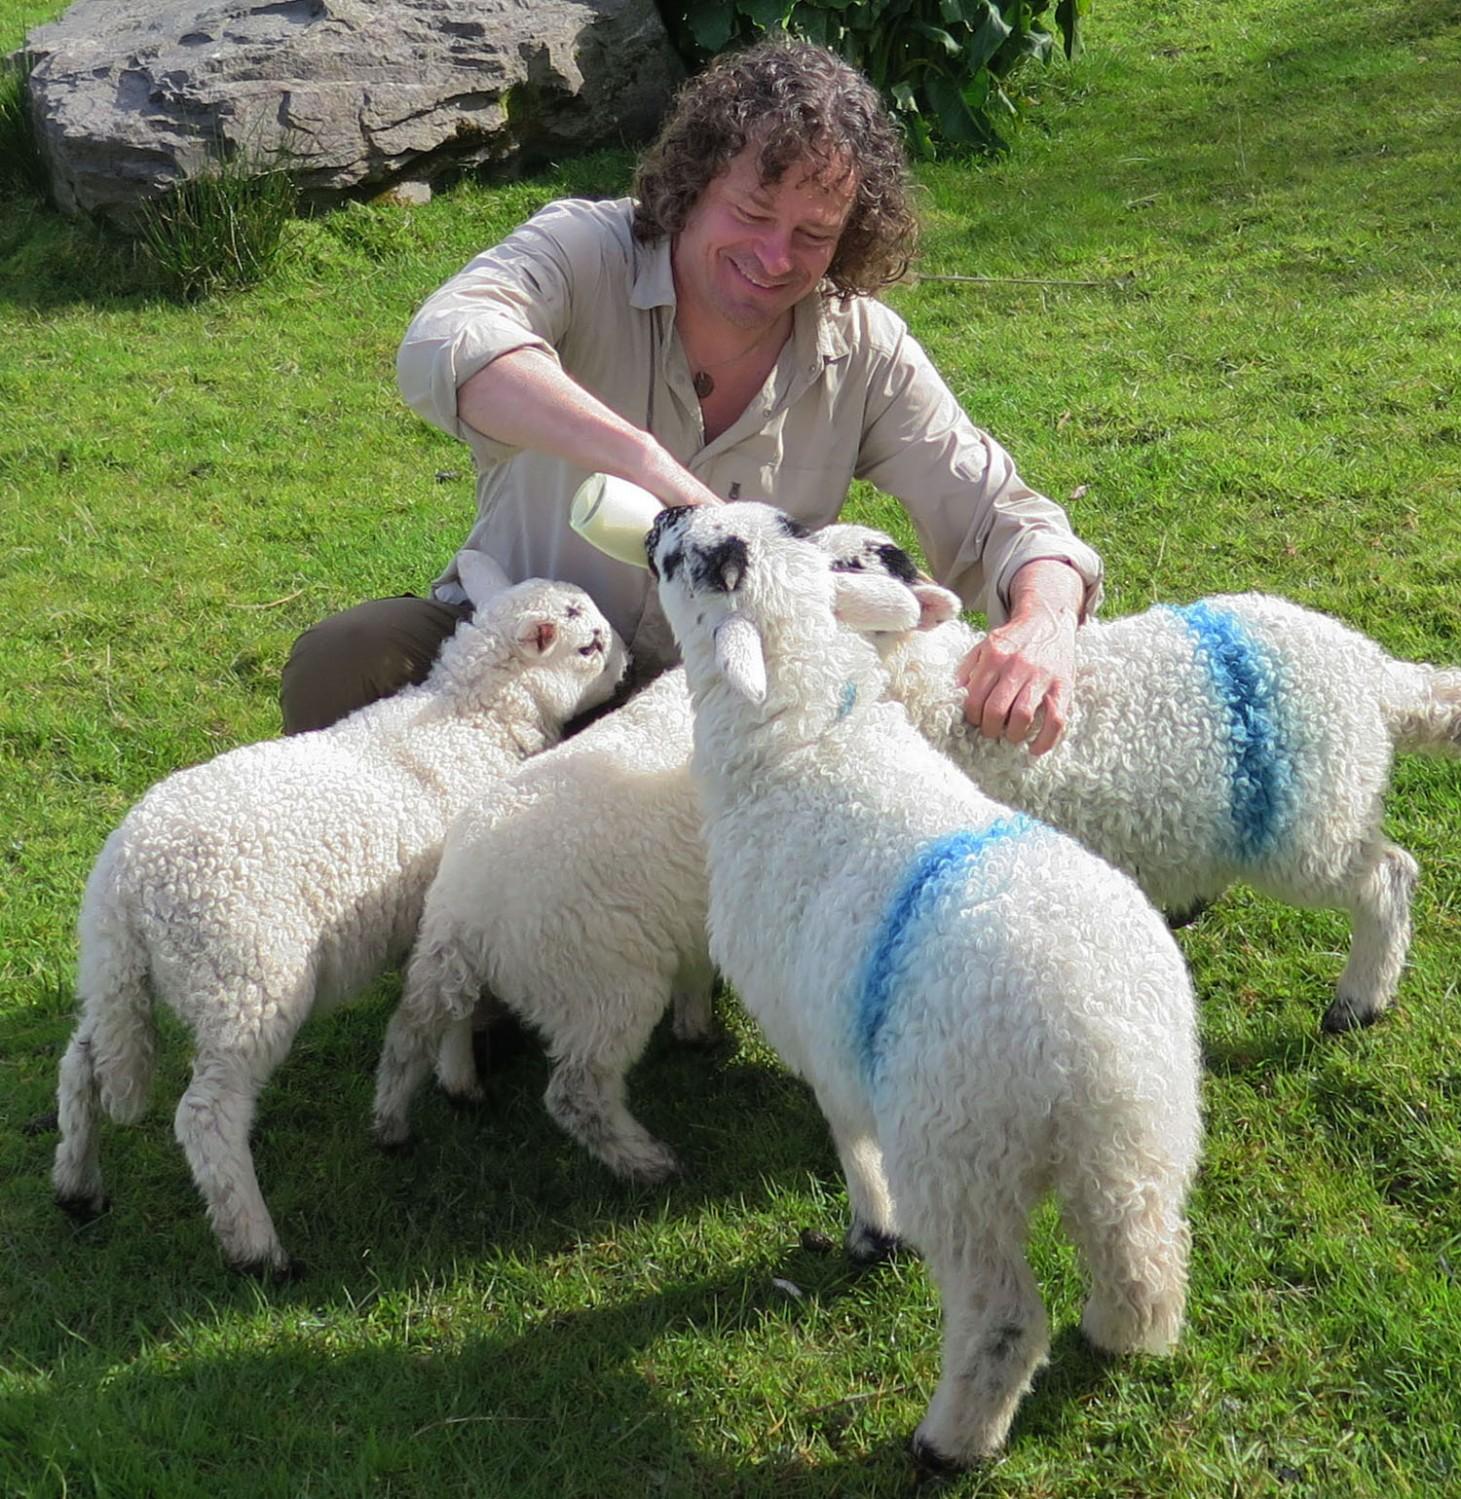 Ireland-Animals-Lambs-Taobh-Coille